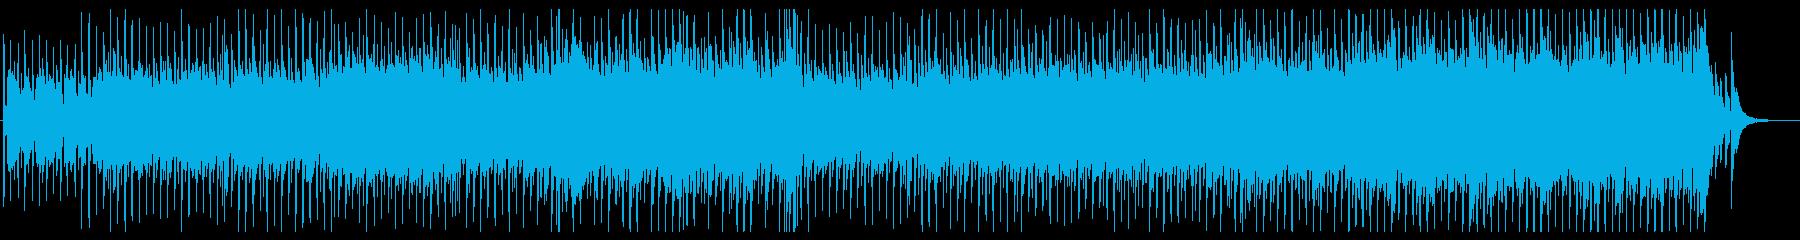 明るくポップで楽しい、前向きな未来の音楽の再生済みの波形